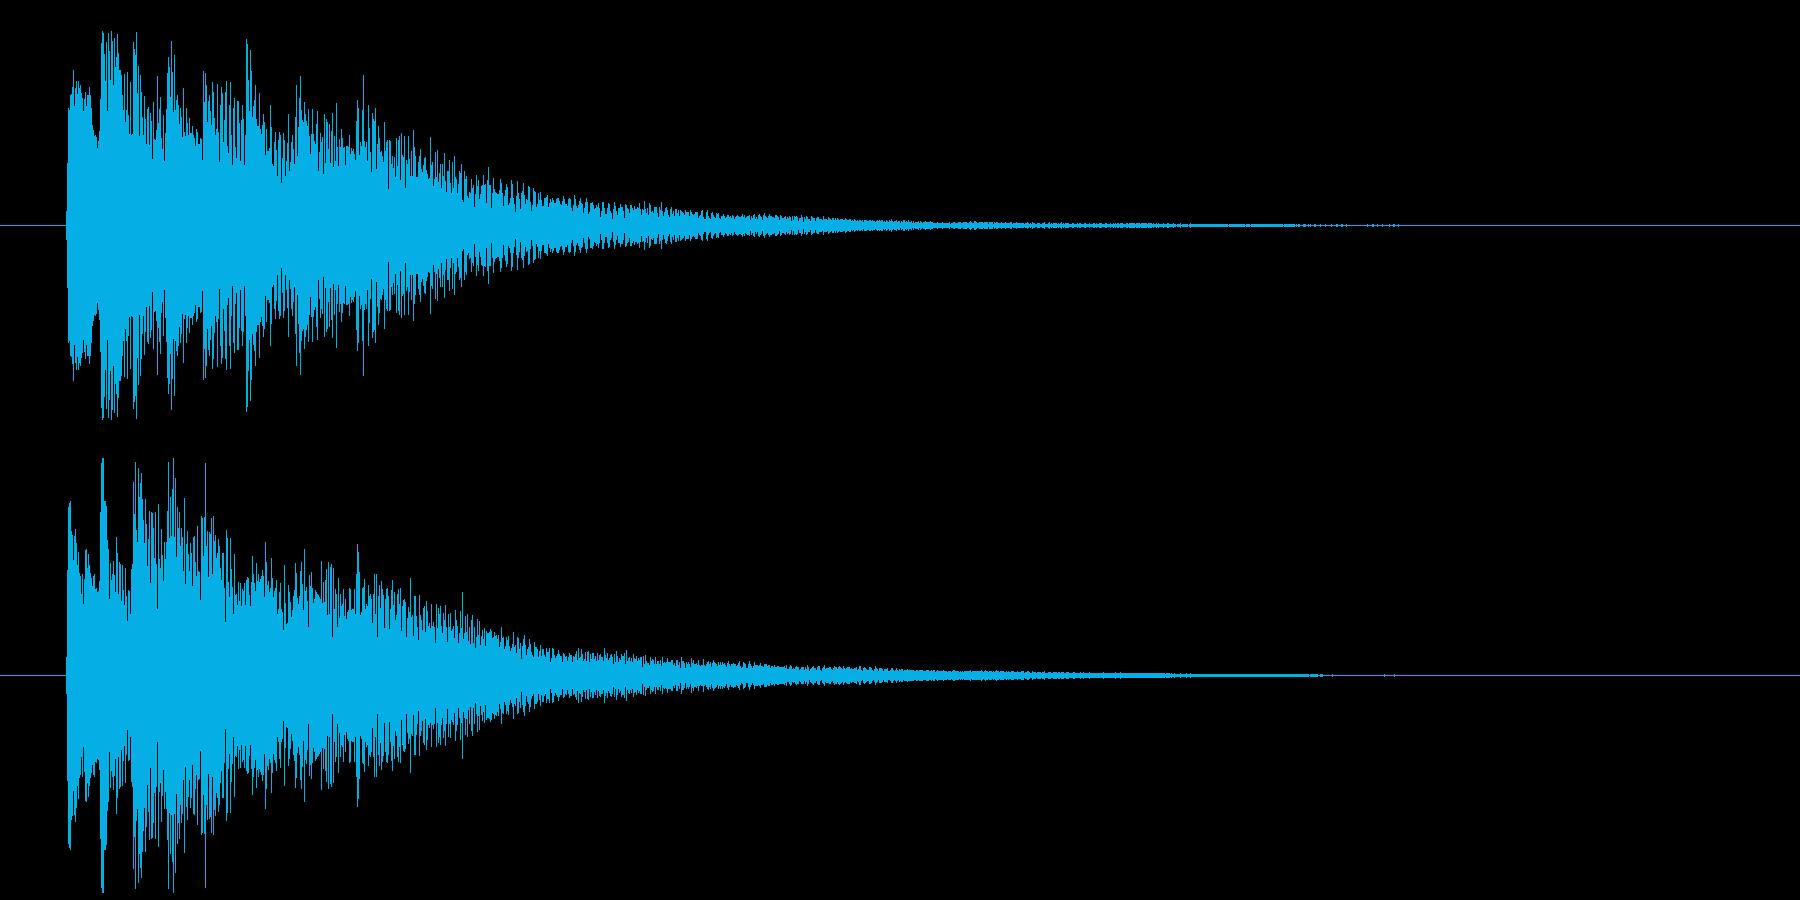 回想や夢の中から現実に戻る音 ポロロンの再生済みの波形